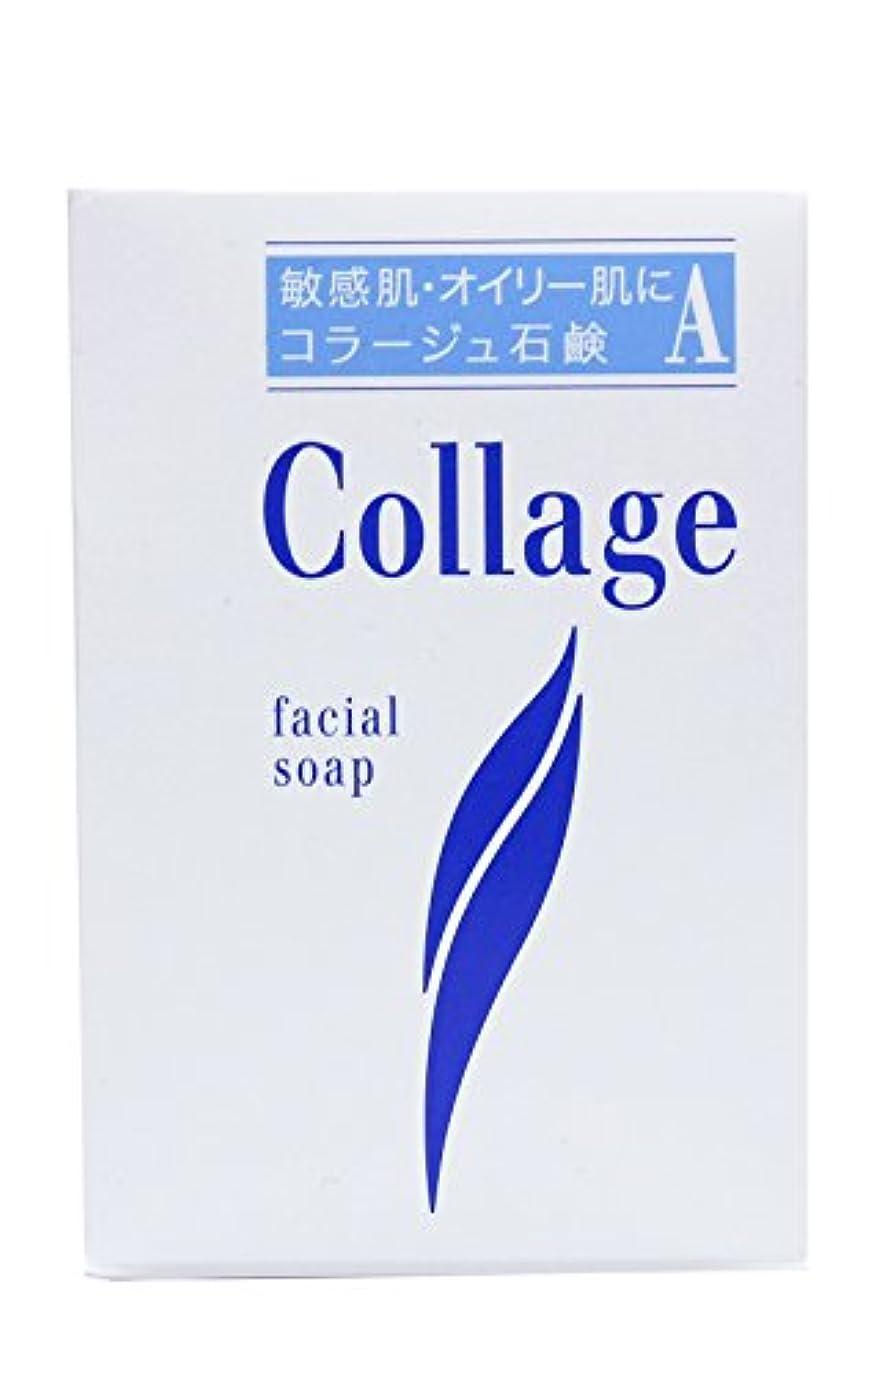 反射。置換コラージュ A脂性肌用石鹸 100g